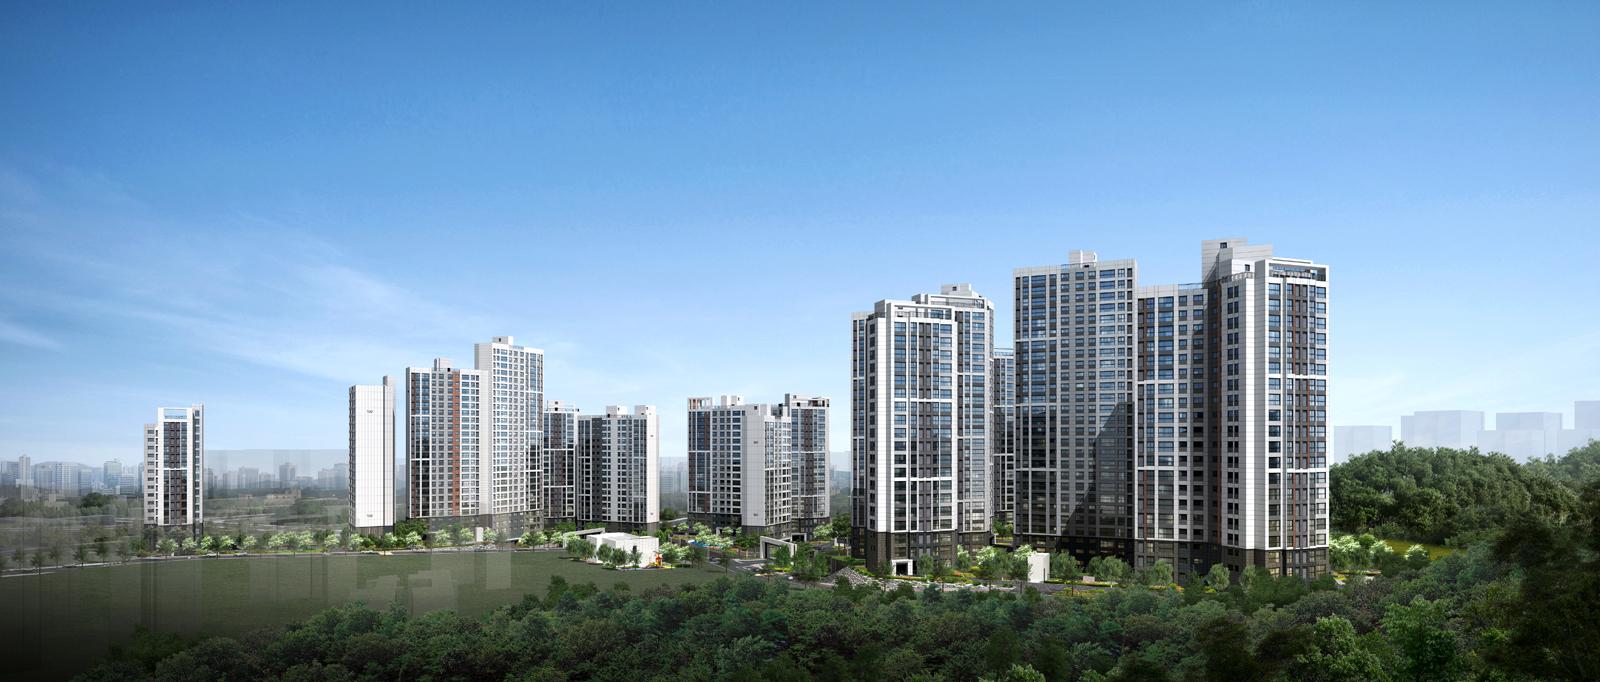 대우건설 컨소시엄, '광명 푸르지오 포레나' 사이버 견본주택 오픈 광명14구역 재개발, 지하3층~지상27층, 총 1,187세대